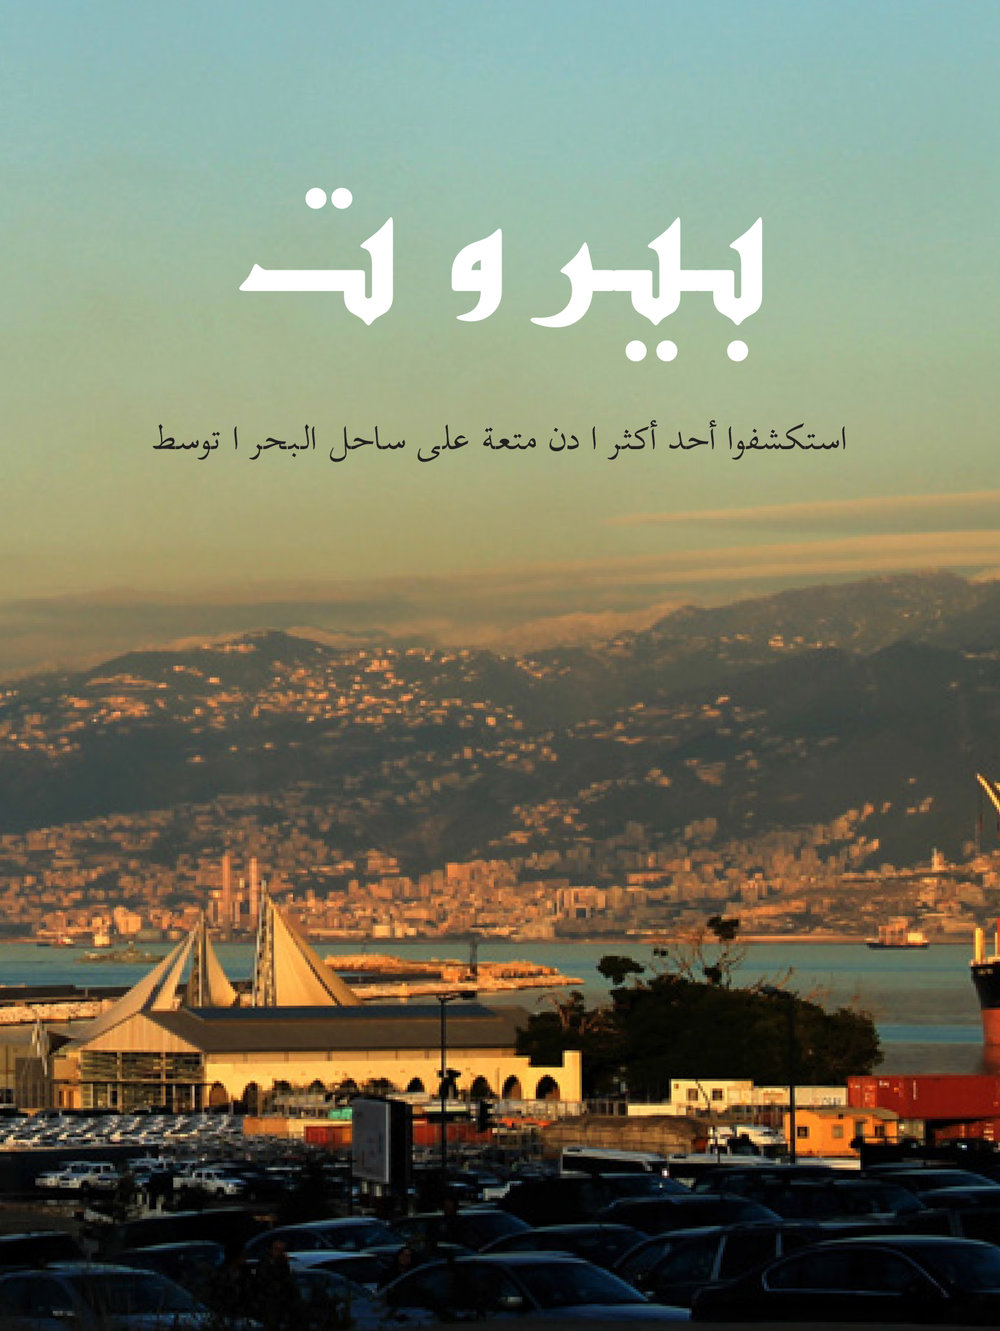 HomeBeirut-Arabic-V2.jpg